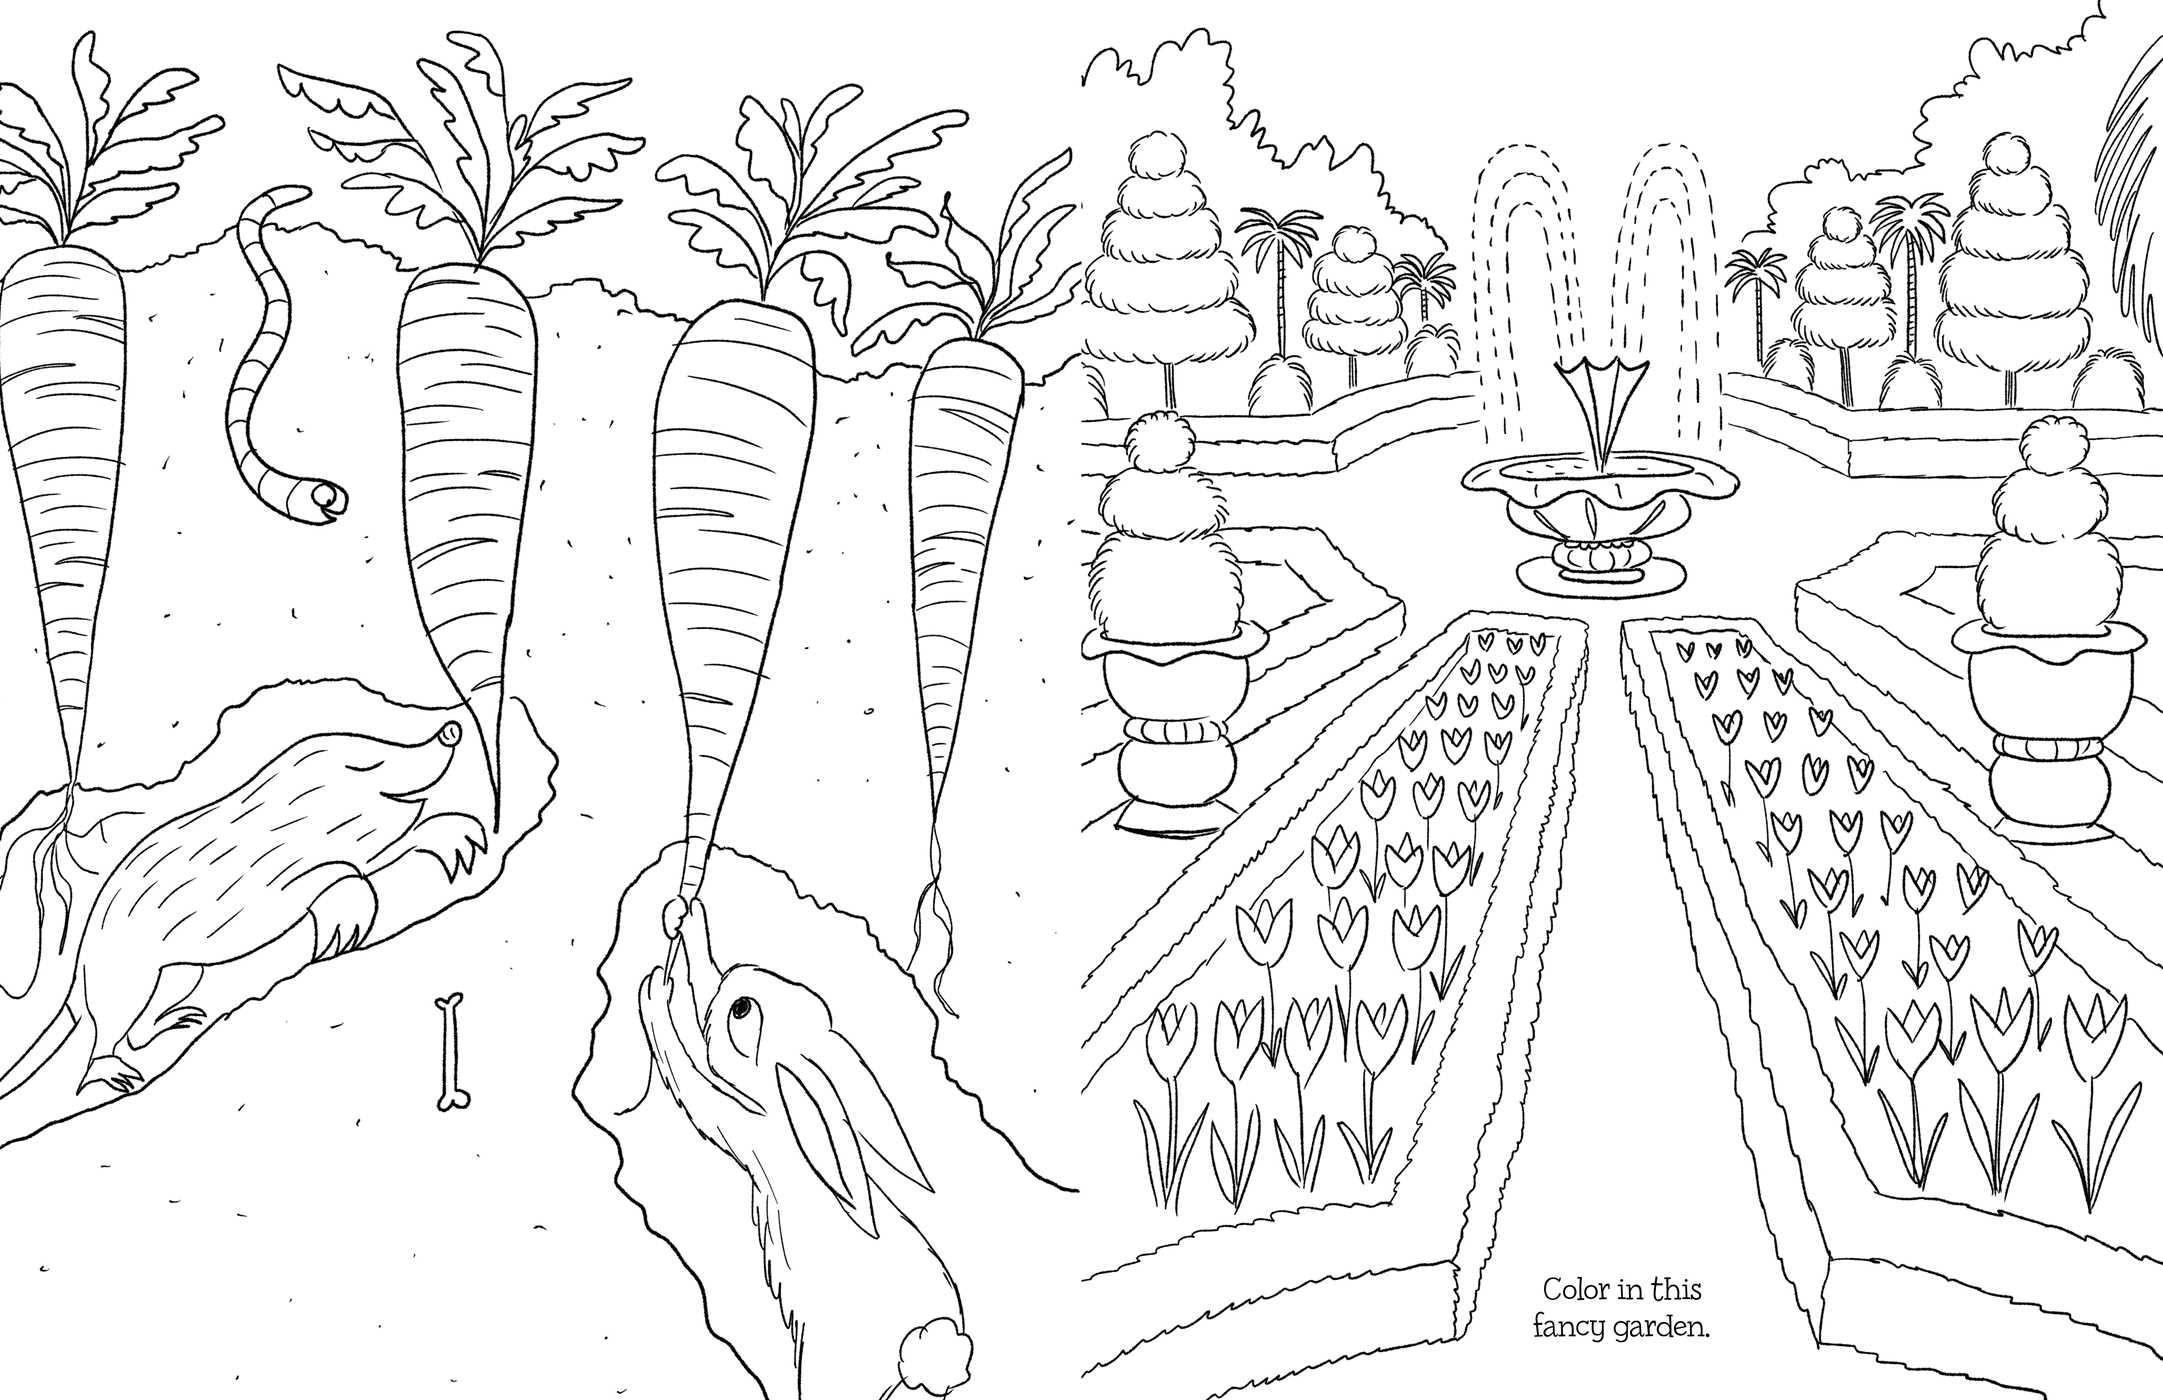 Grow garden grow 9781481431521.in02